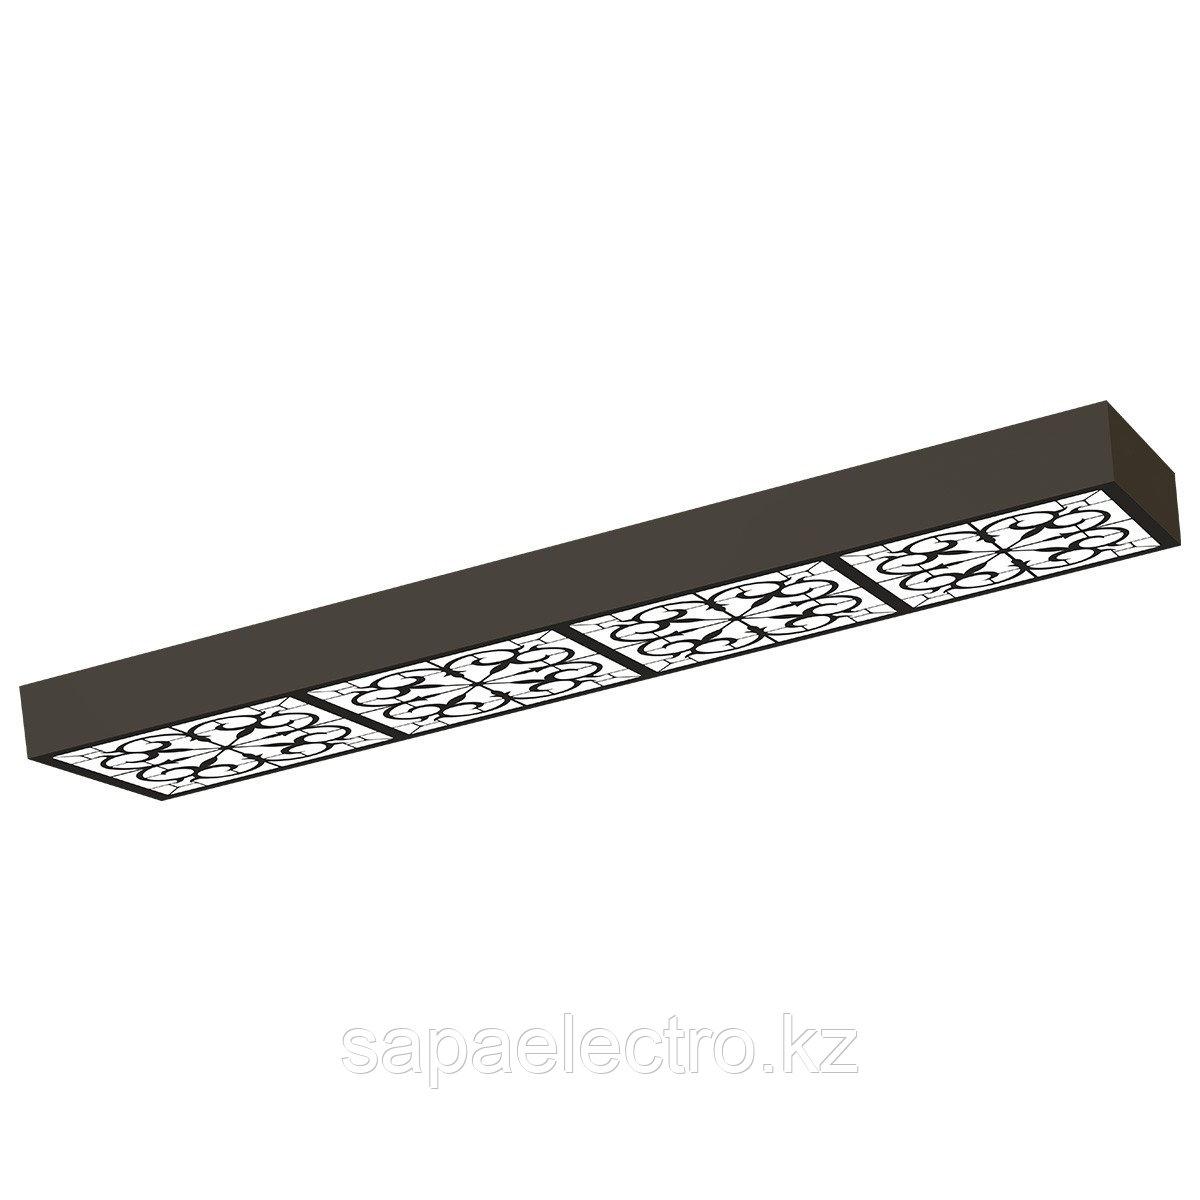 Св-к  OPALLED ORNAMENT 48W BLACK S/U  1200x300 5700